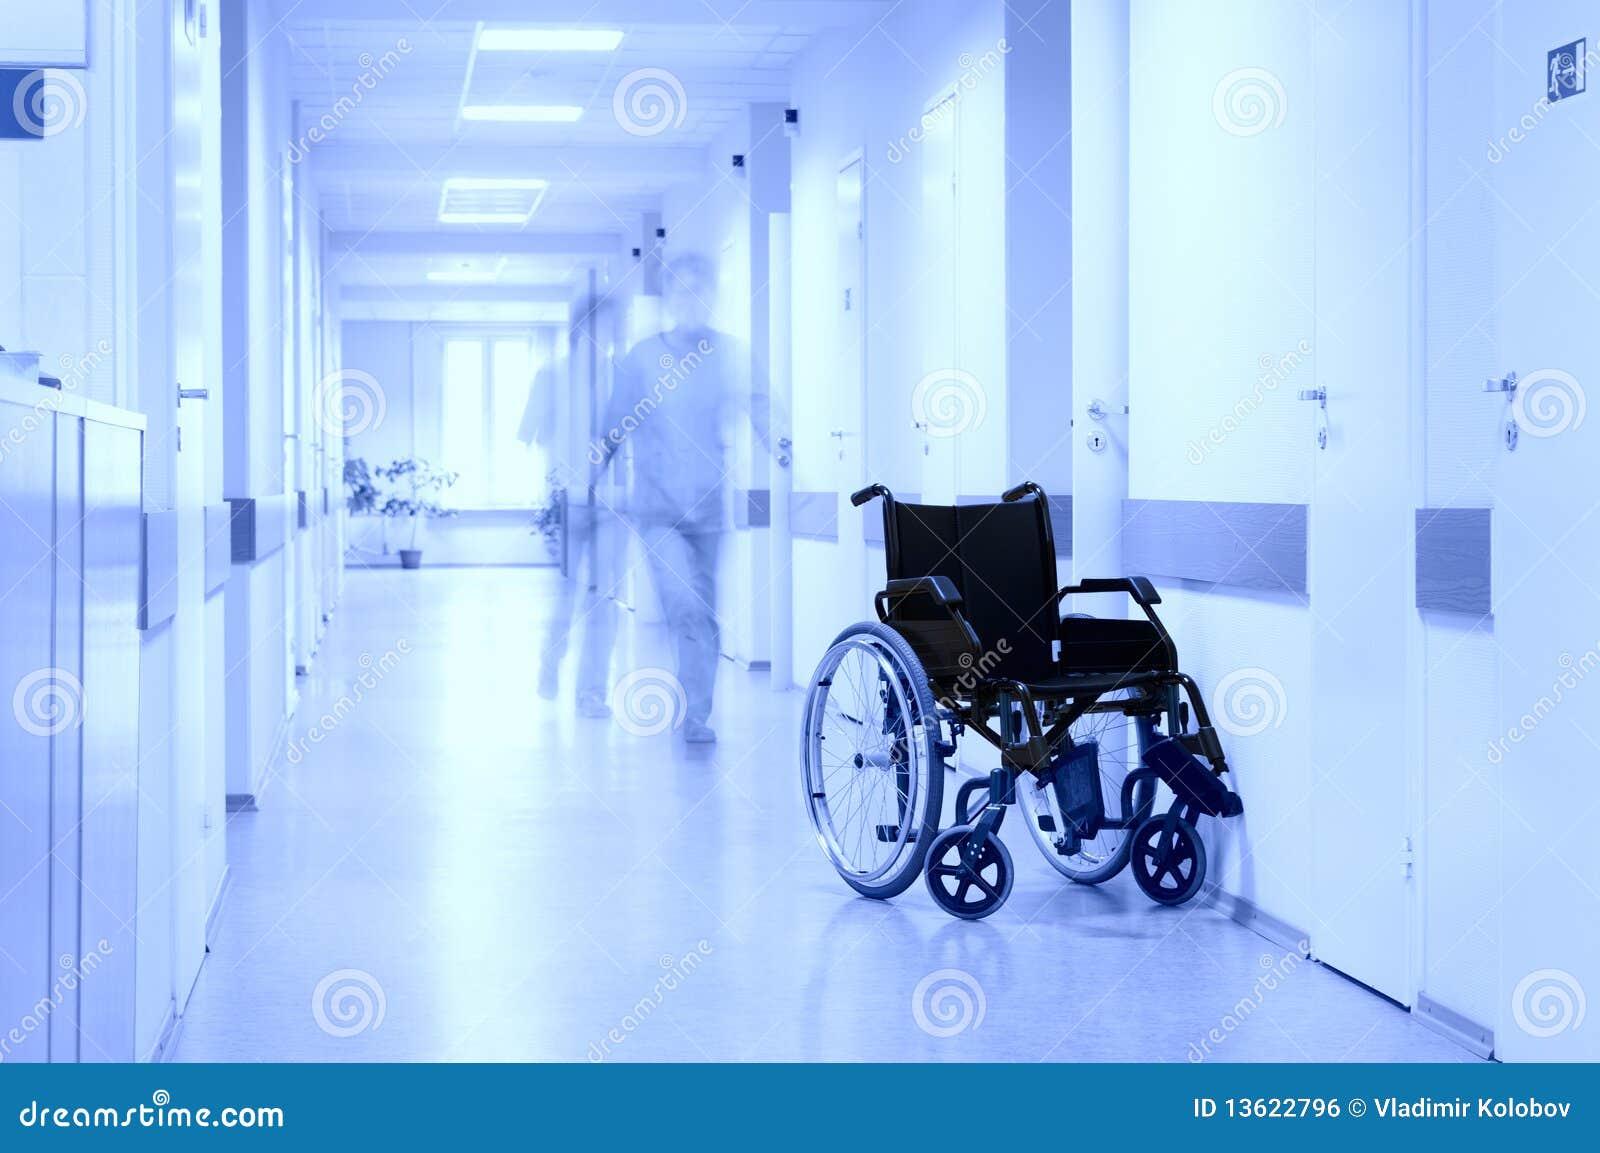 Silla de rueda en el pasillo del hospital.